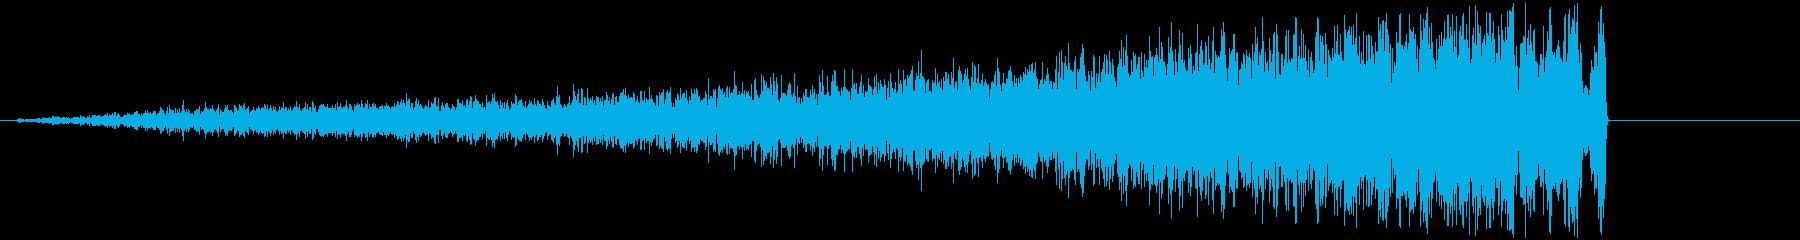 【ライザー】ヒューッッッ!!!の再生済みの波形